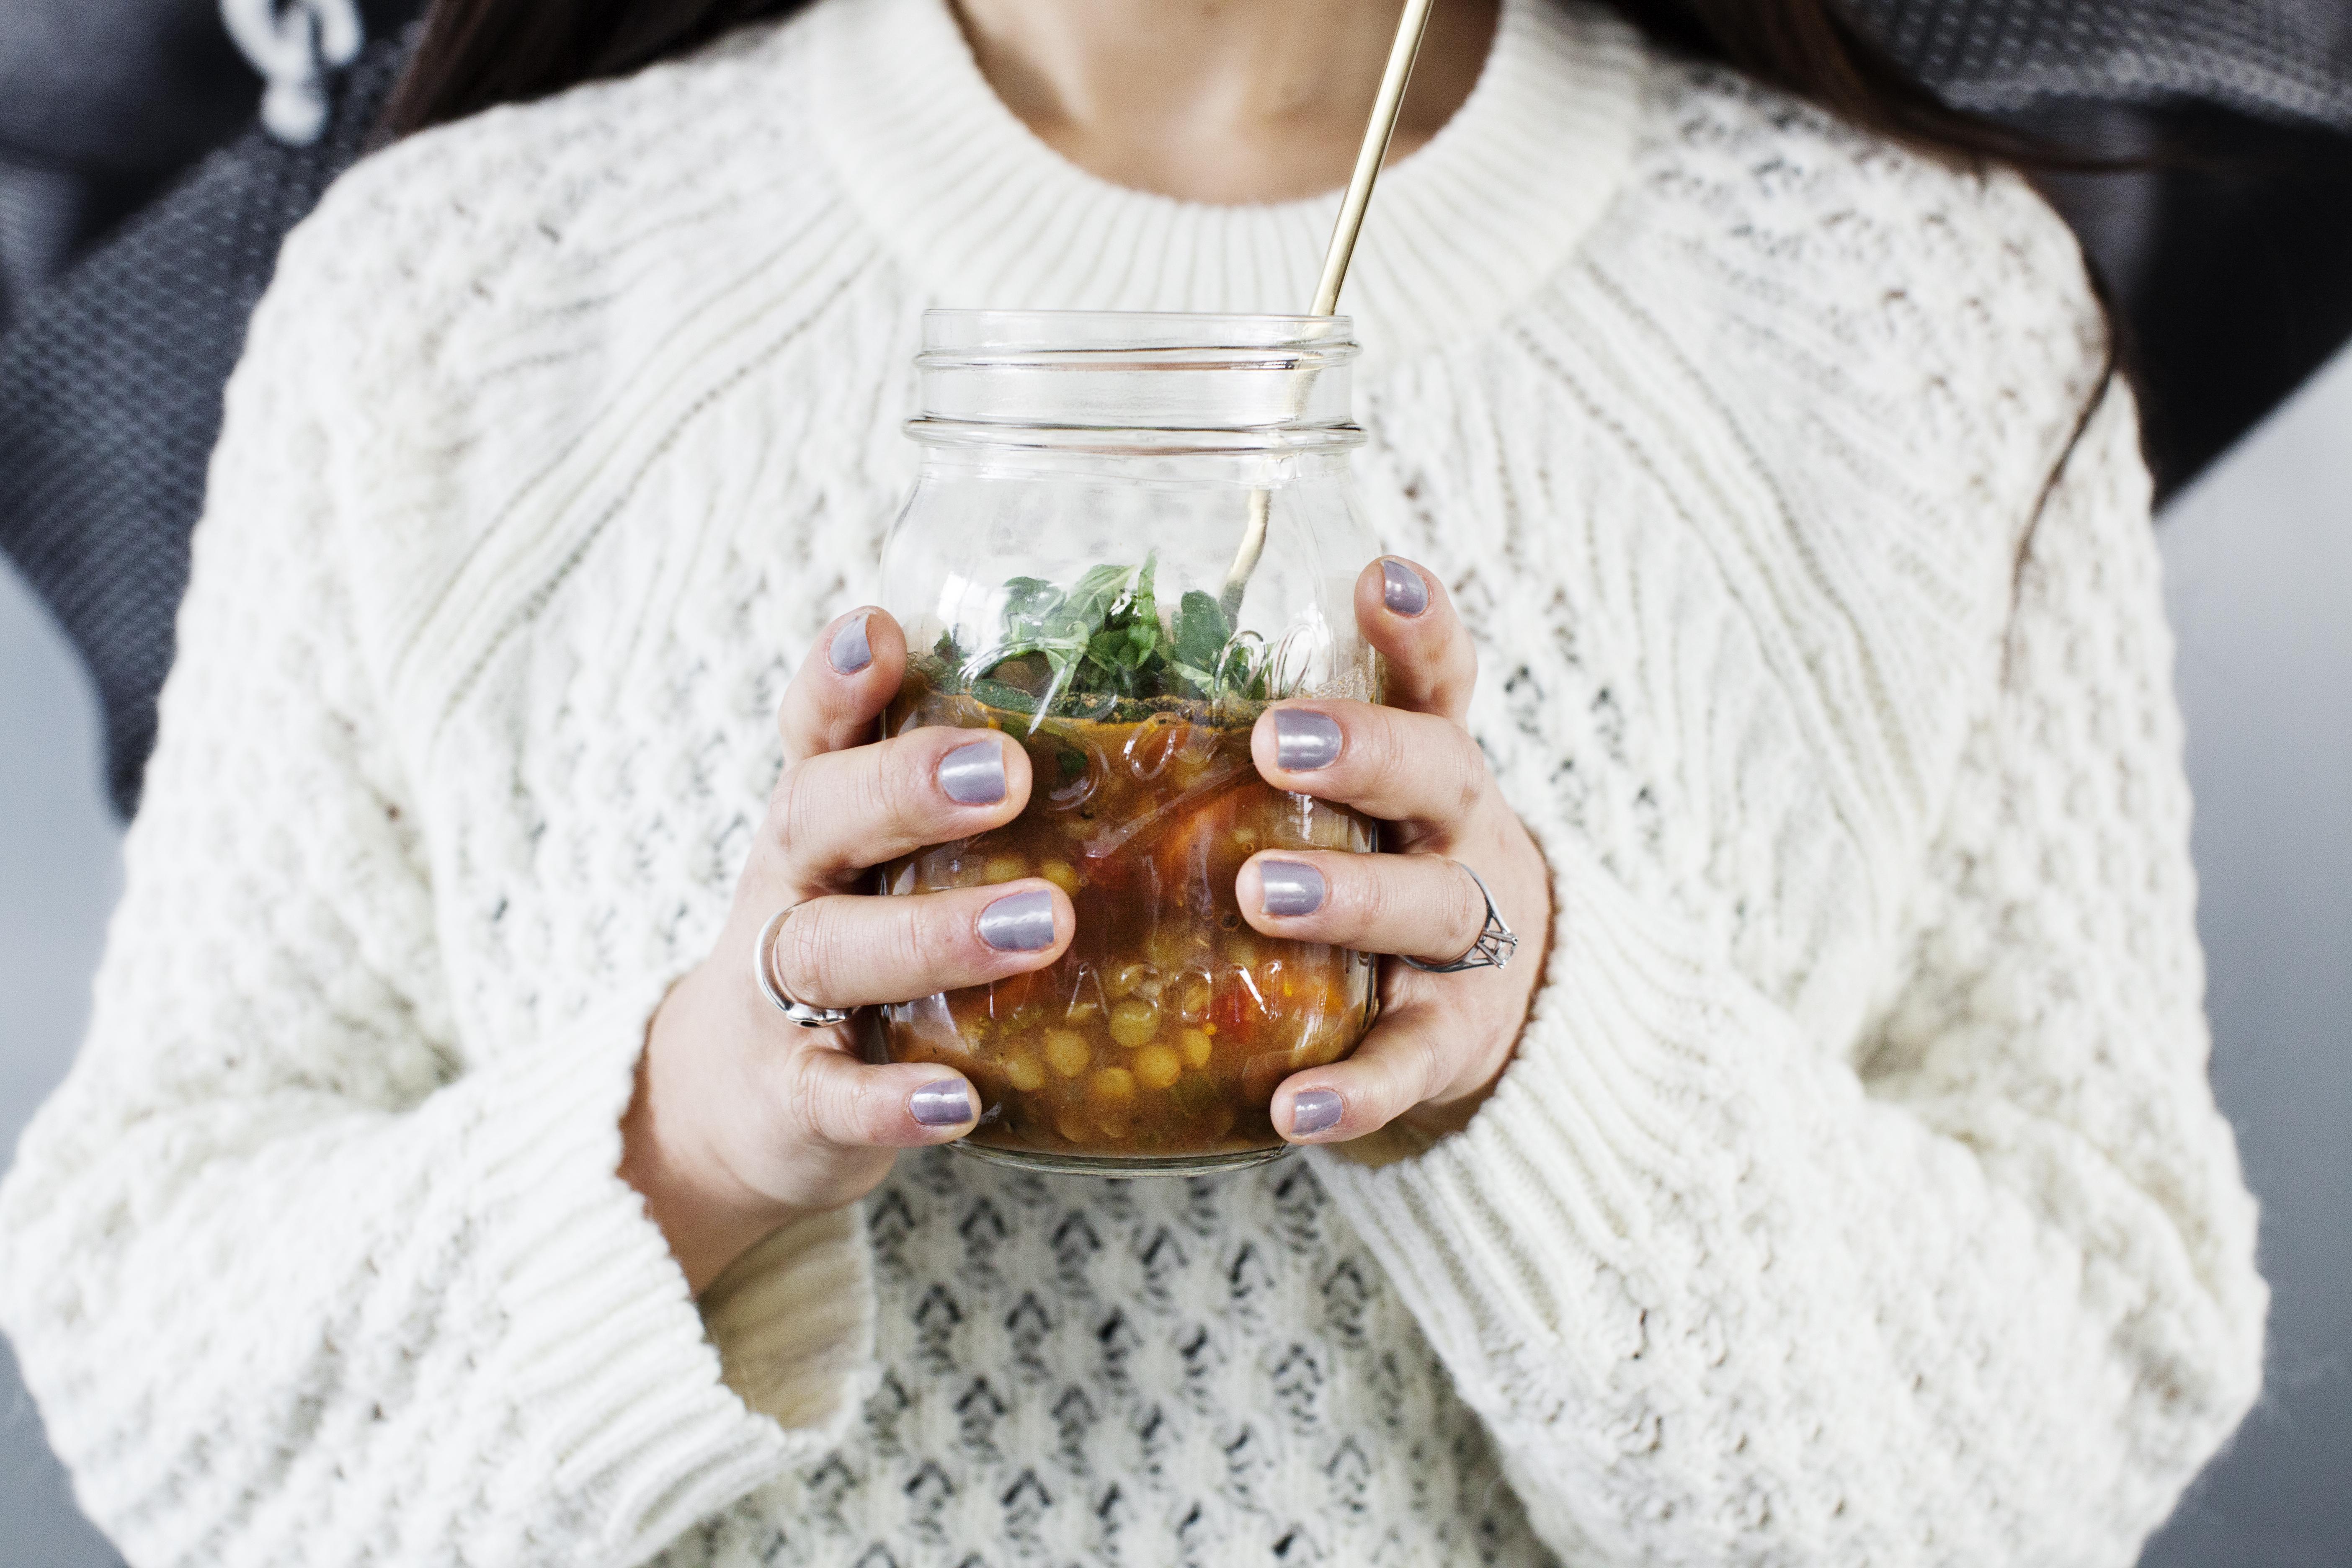 Recipe: Lentil Soup